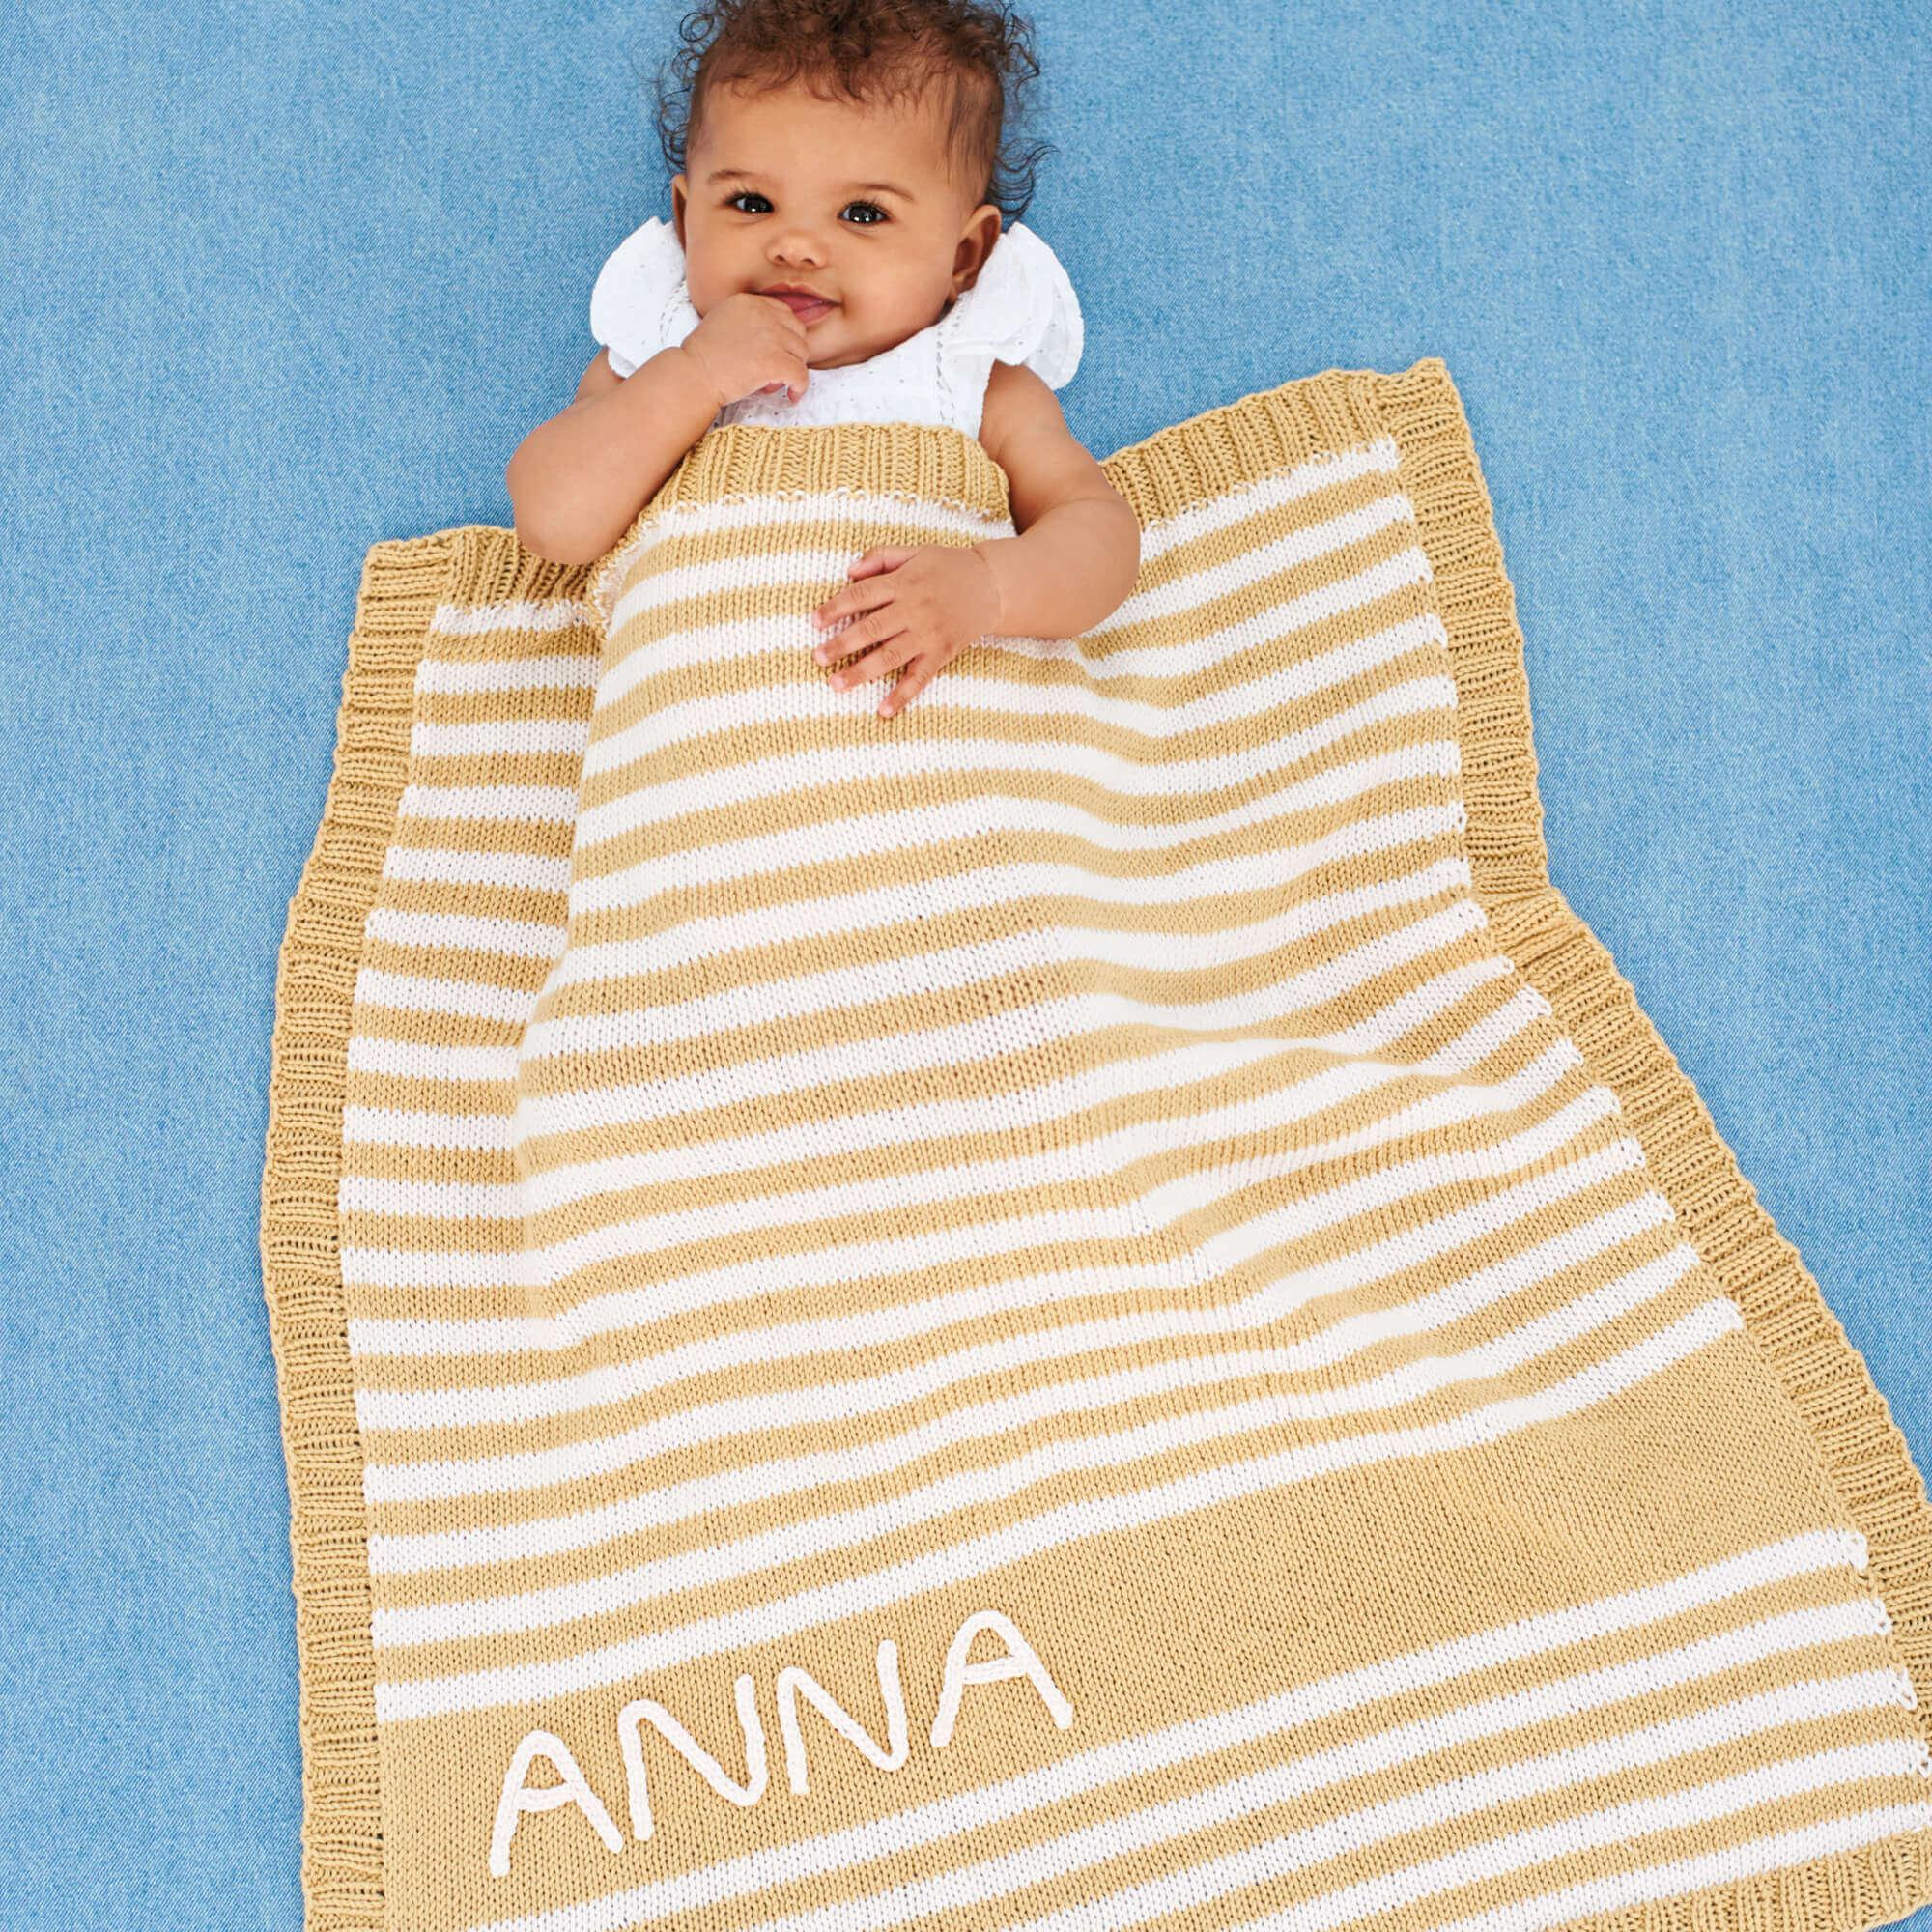 Babydecke stricken: Kostenlose Anleitung selber nutzen